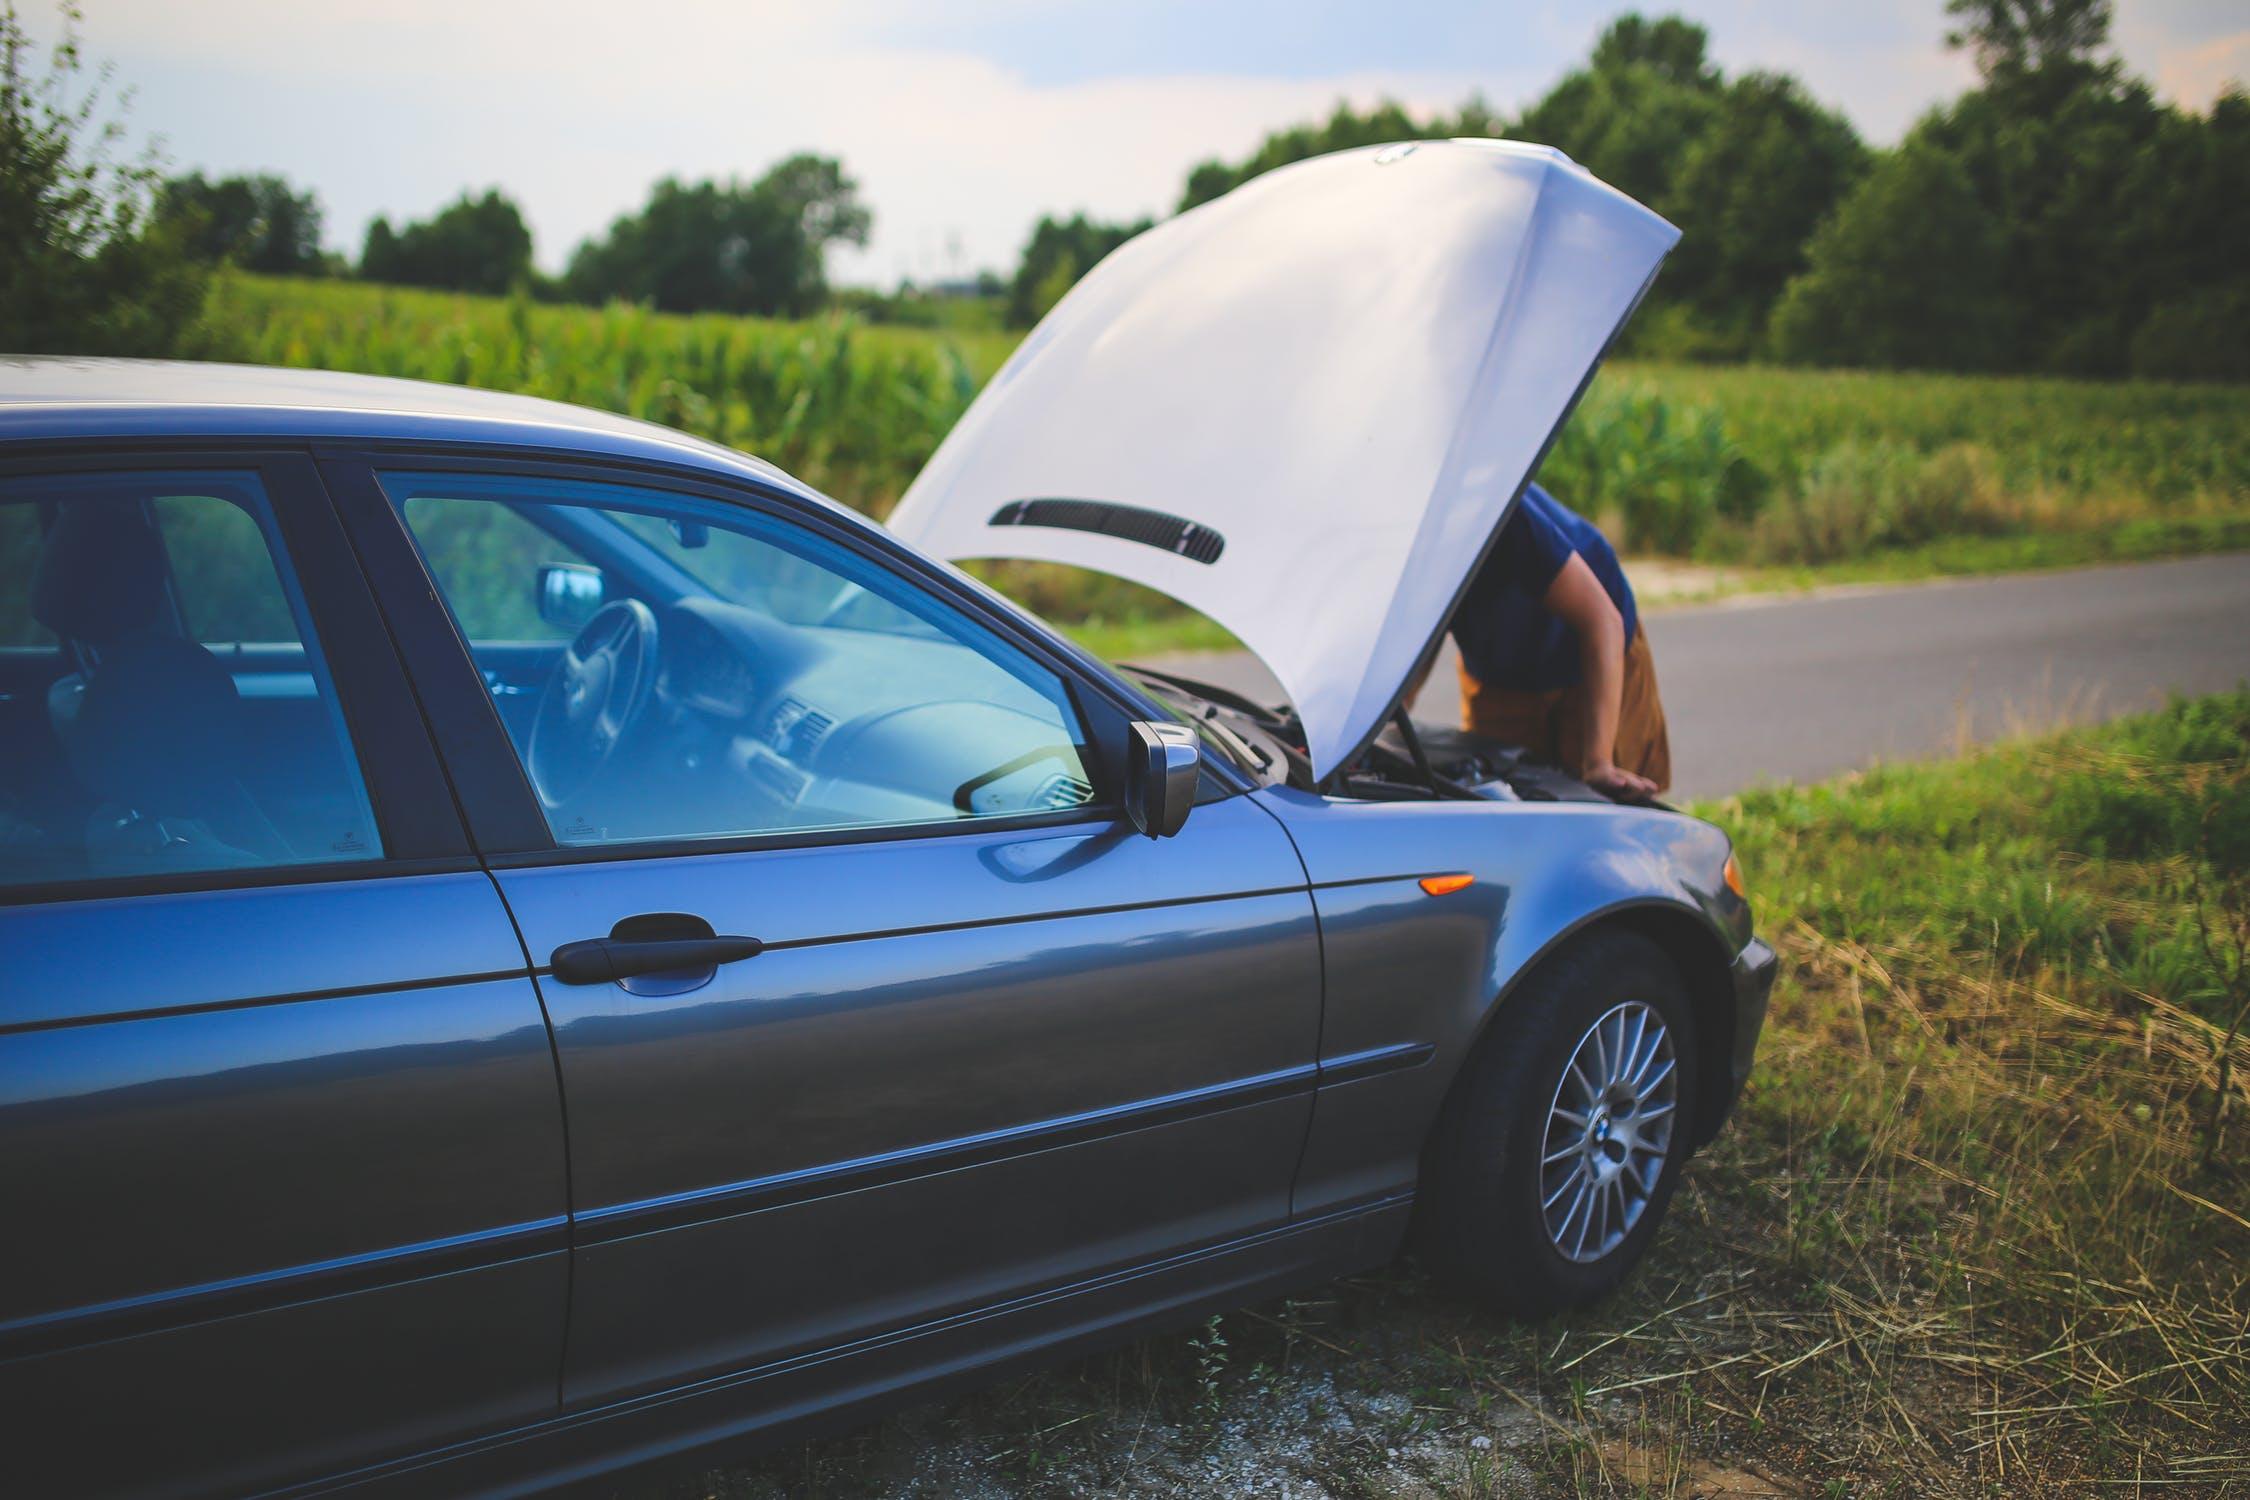 Tout ce que vous devez savoir sur l'assurance automobile temporaire au Portugal